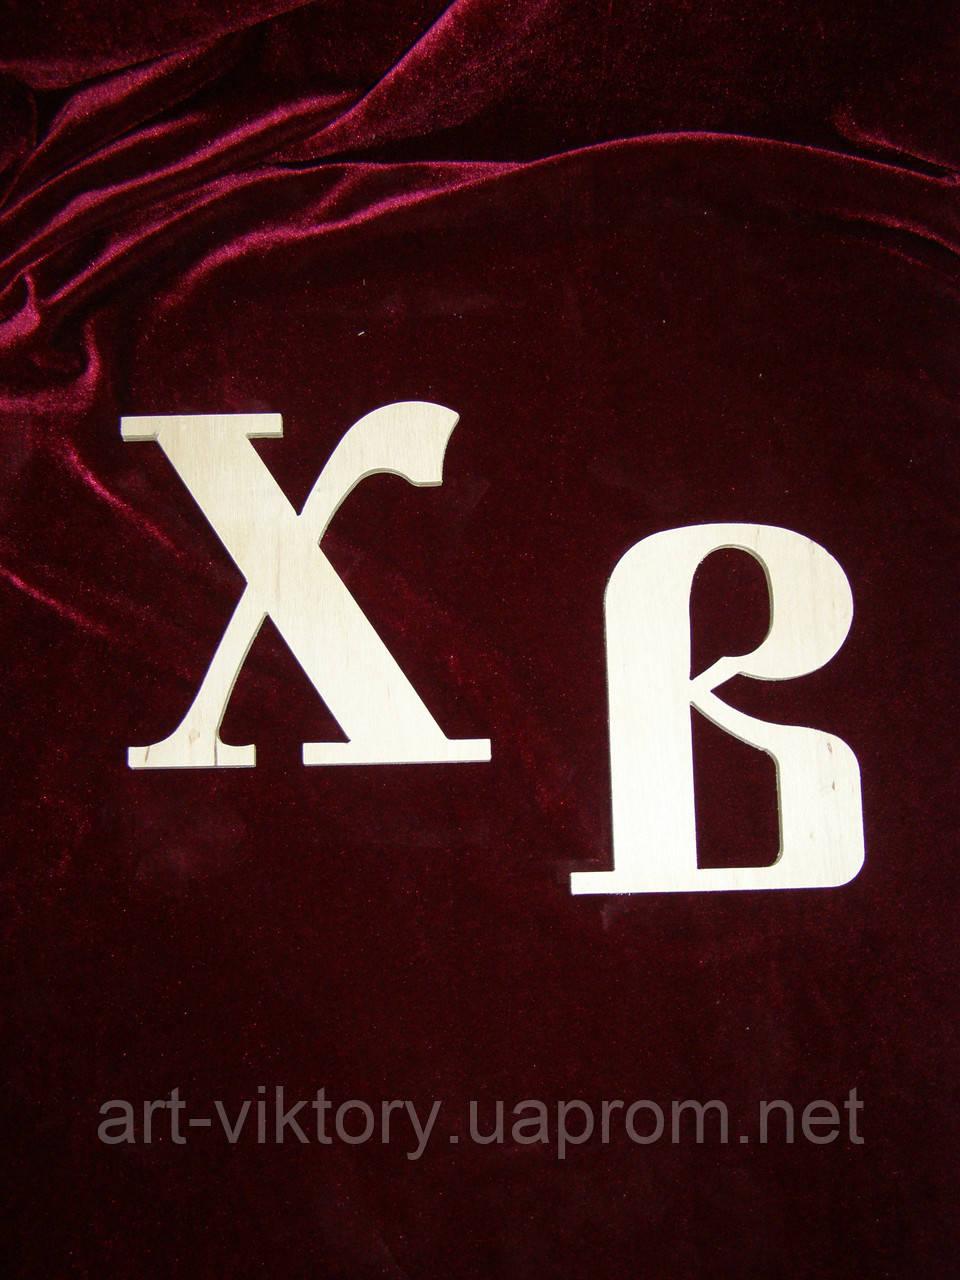 Буквы раздельные Х В (Христос Воскрес)